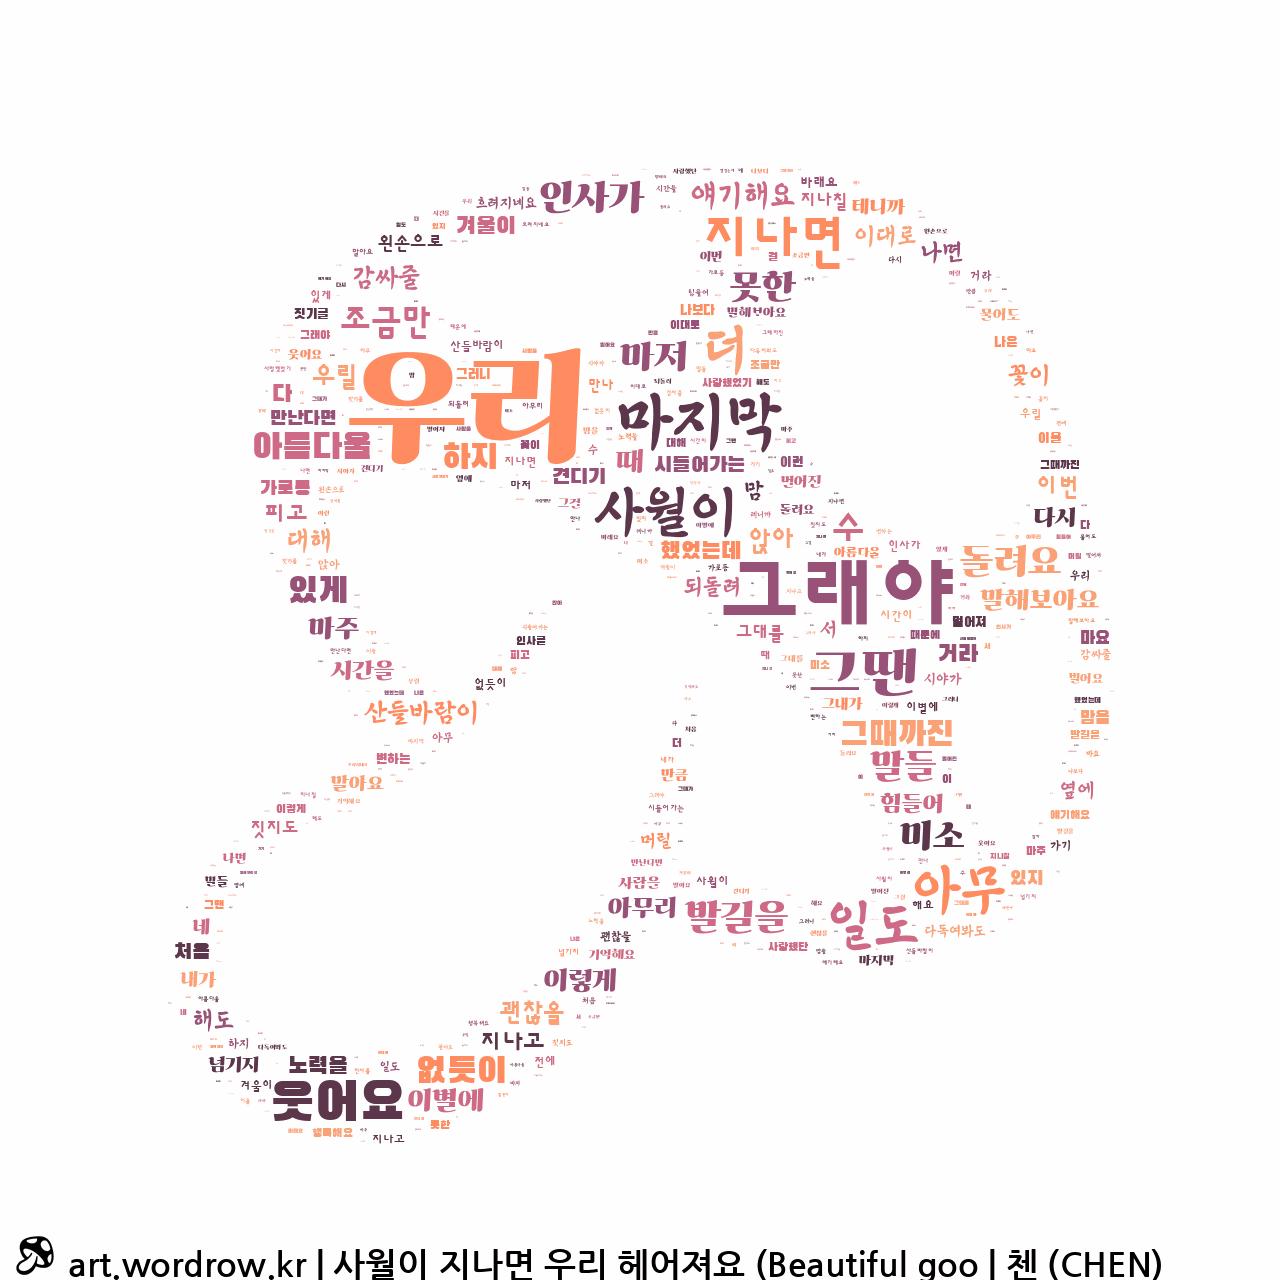 워드 클라우드: 사월이 지나면 우리 헤어져요 (Beautiful goodbye) [첸 (CHEN)]-3